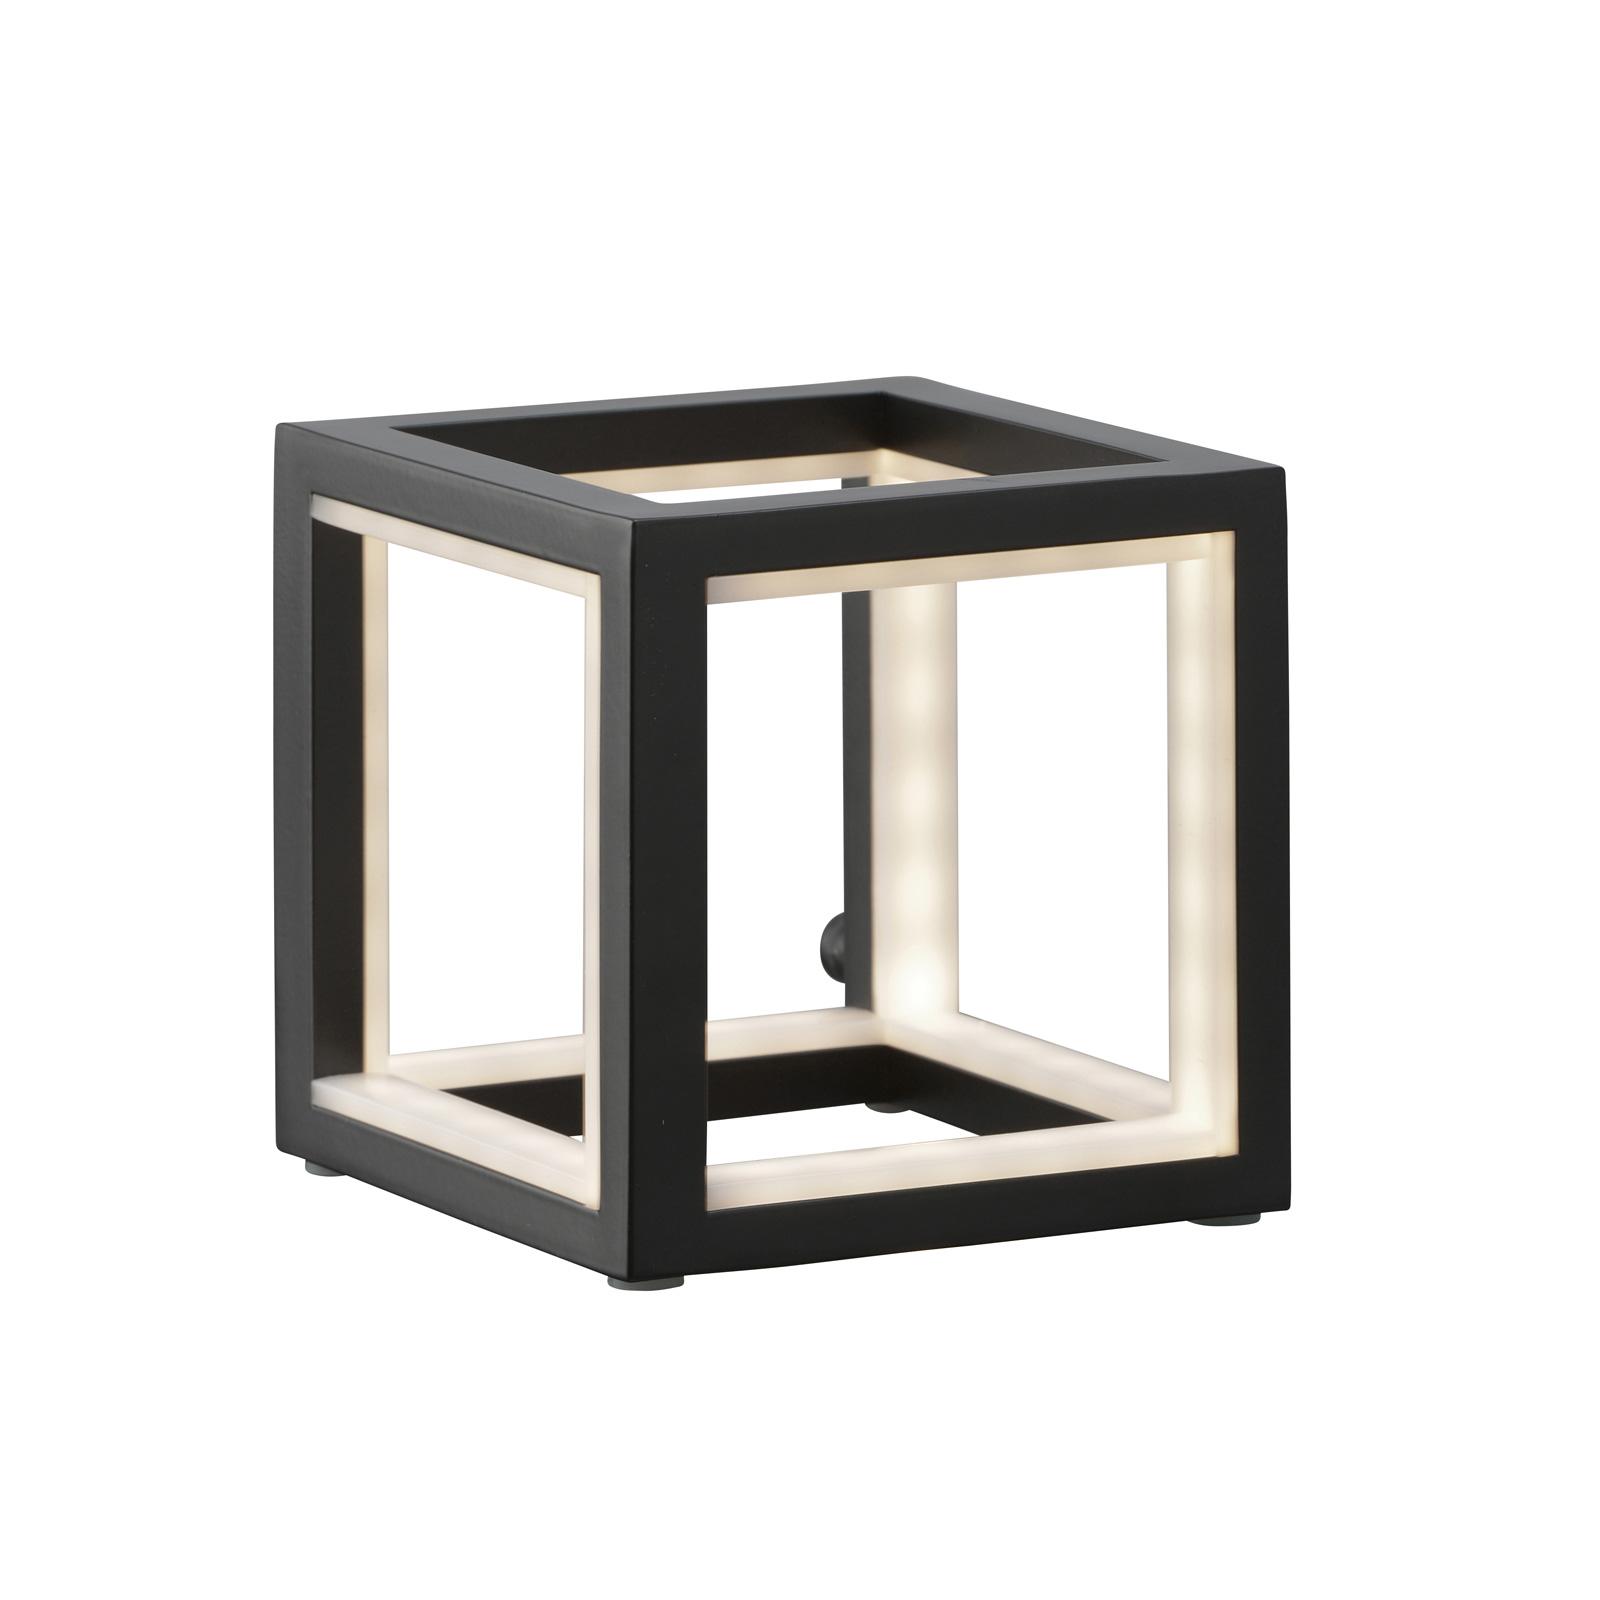 LED-Tischleuchte Delux, schwarz, 12 cm